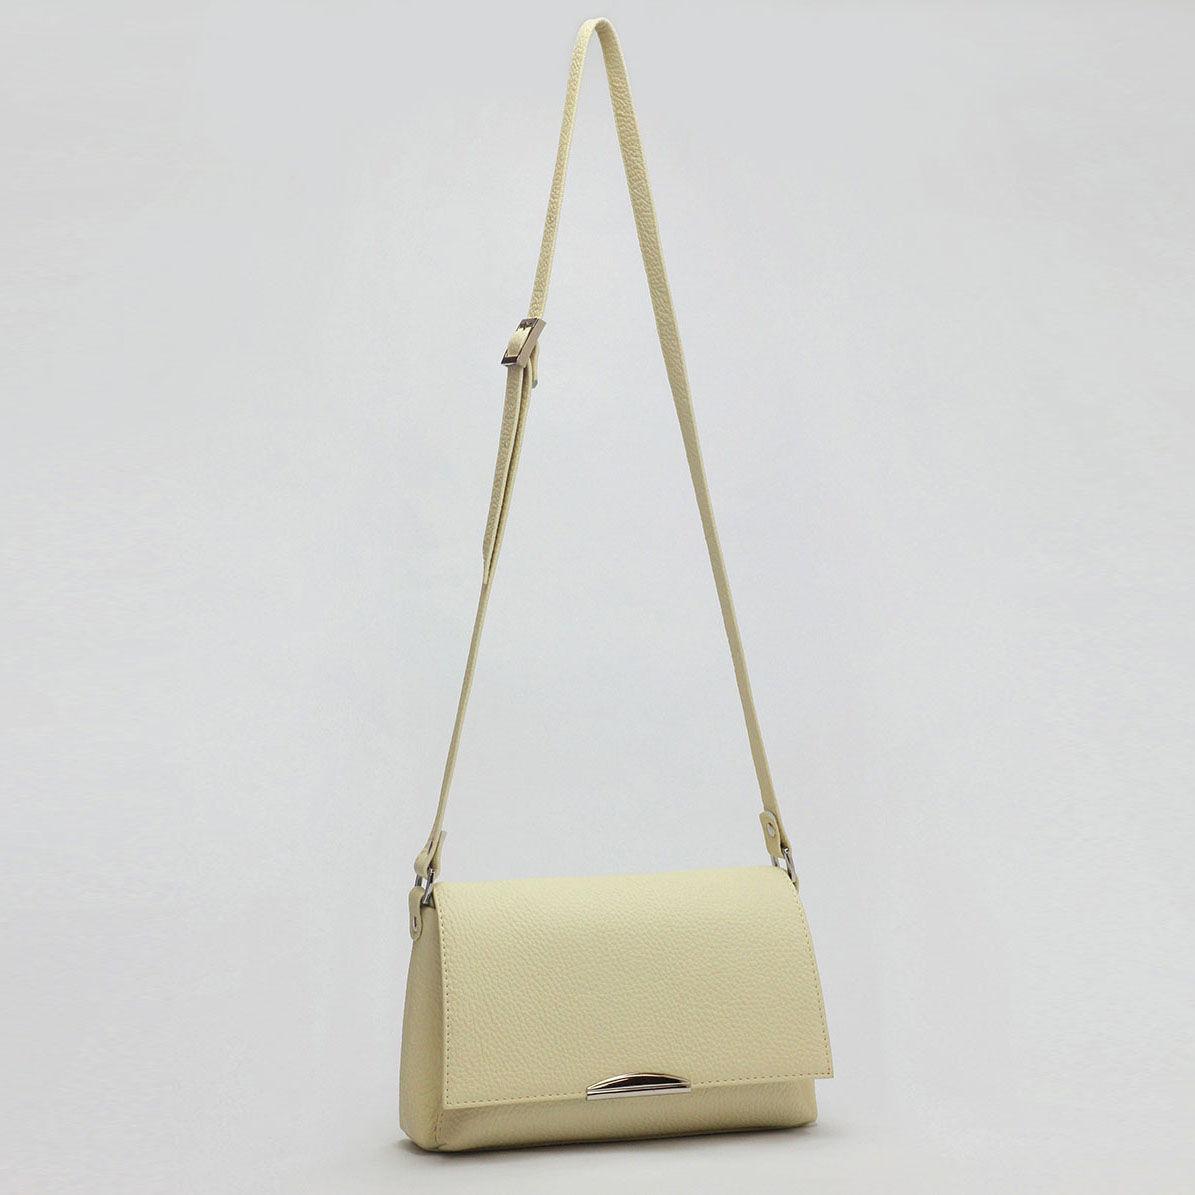 2e4335eee90c Женские сумки ручной работы. Ярмарка Мастеров - ручная работа. Купить  Кожаная сумочка на плечо ...